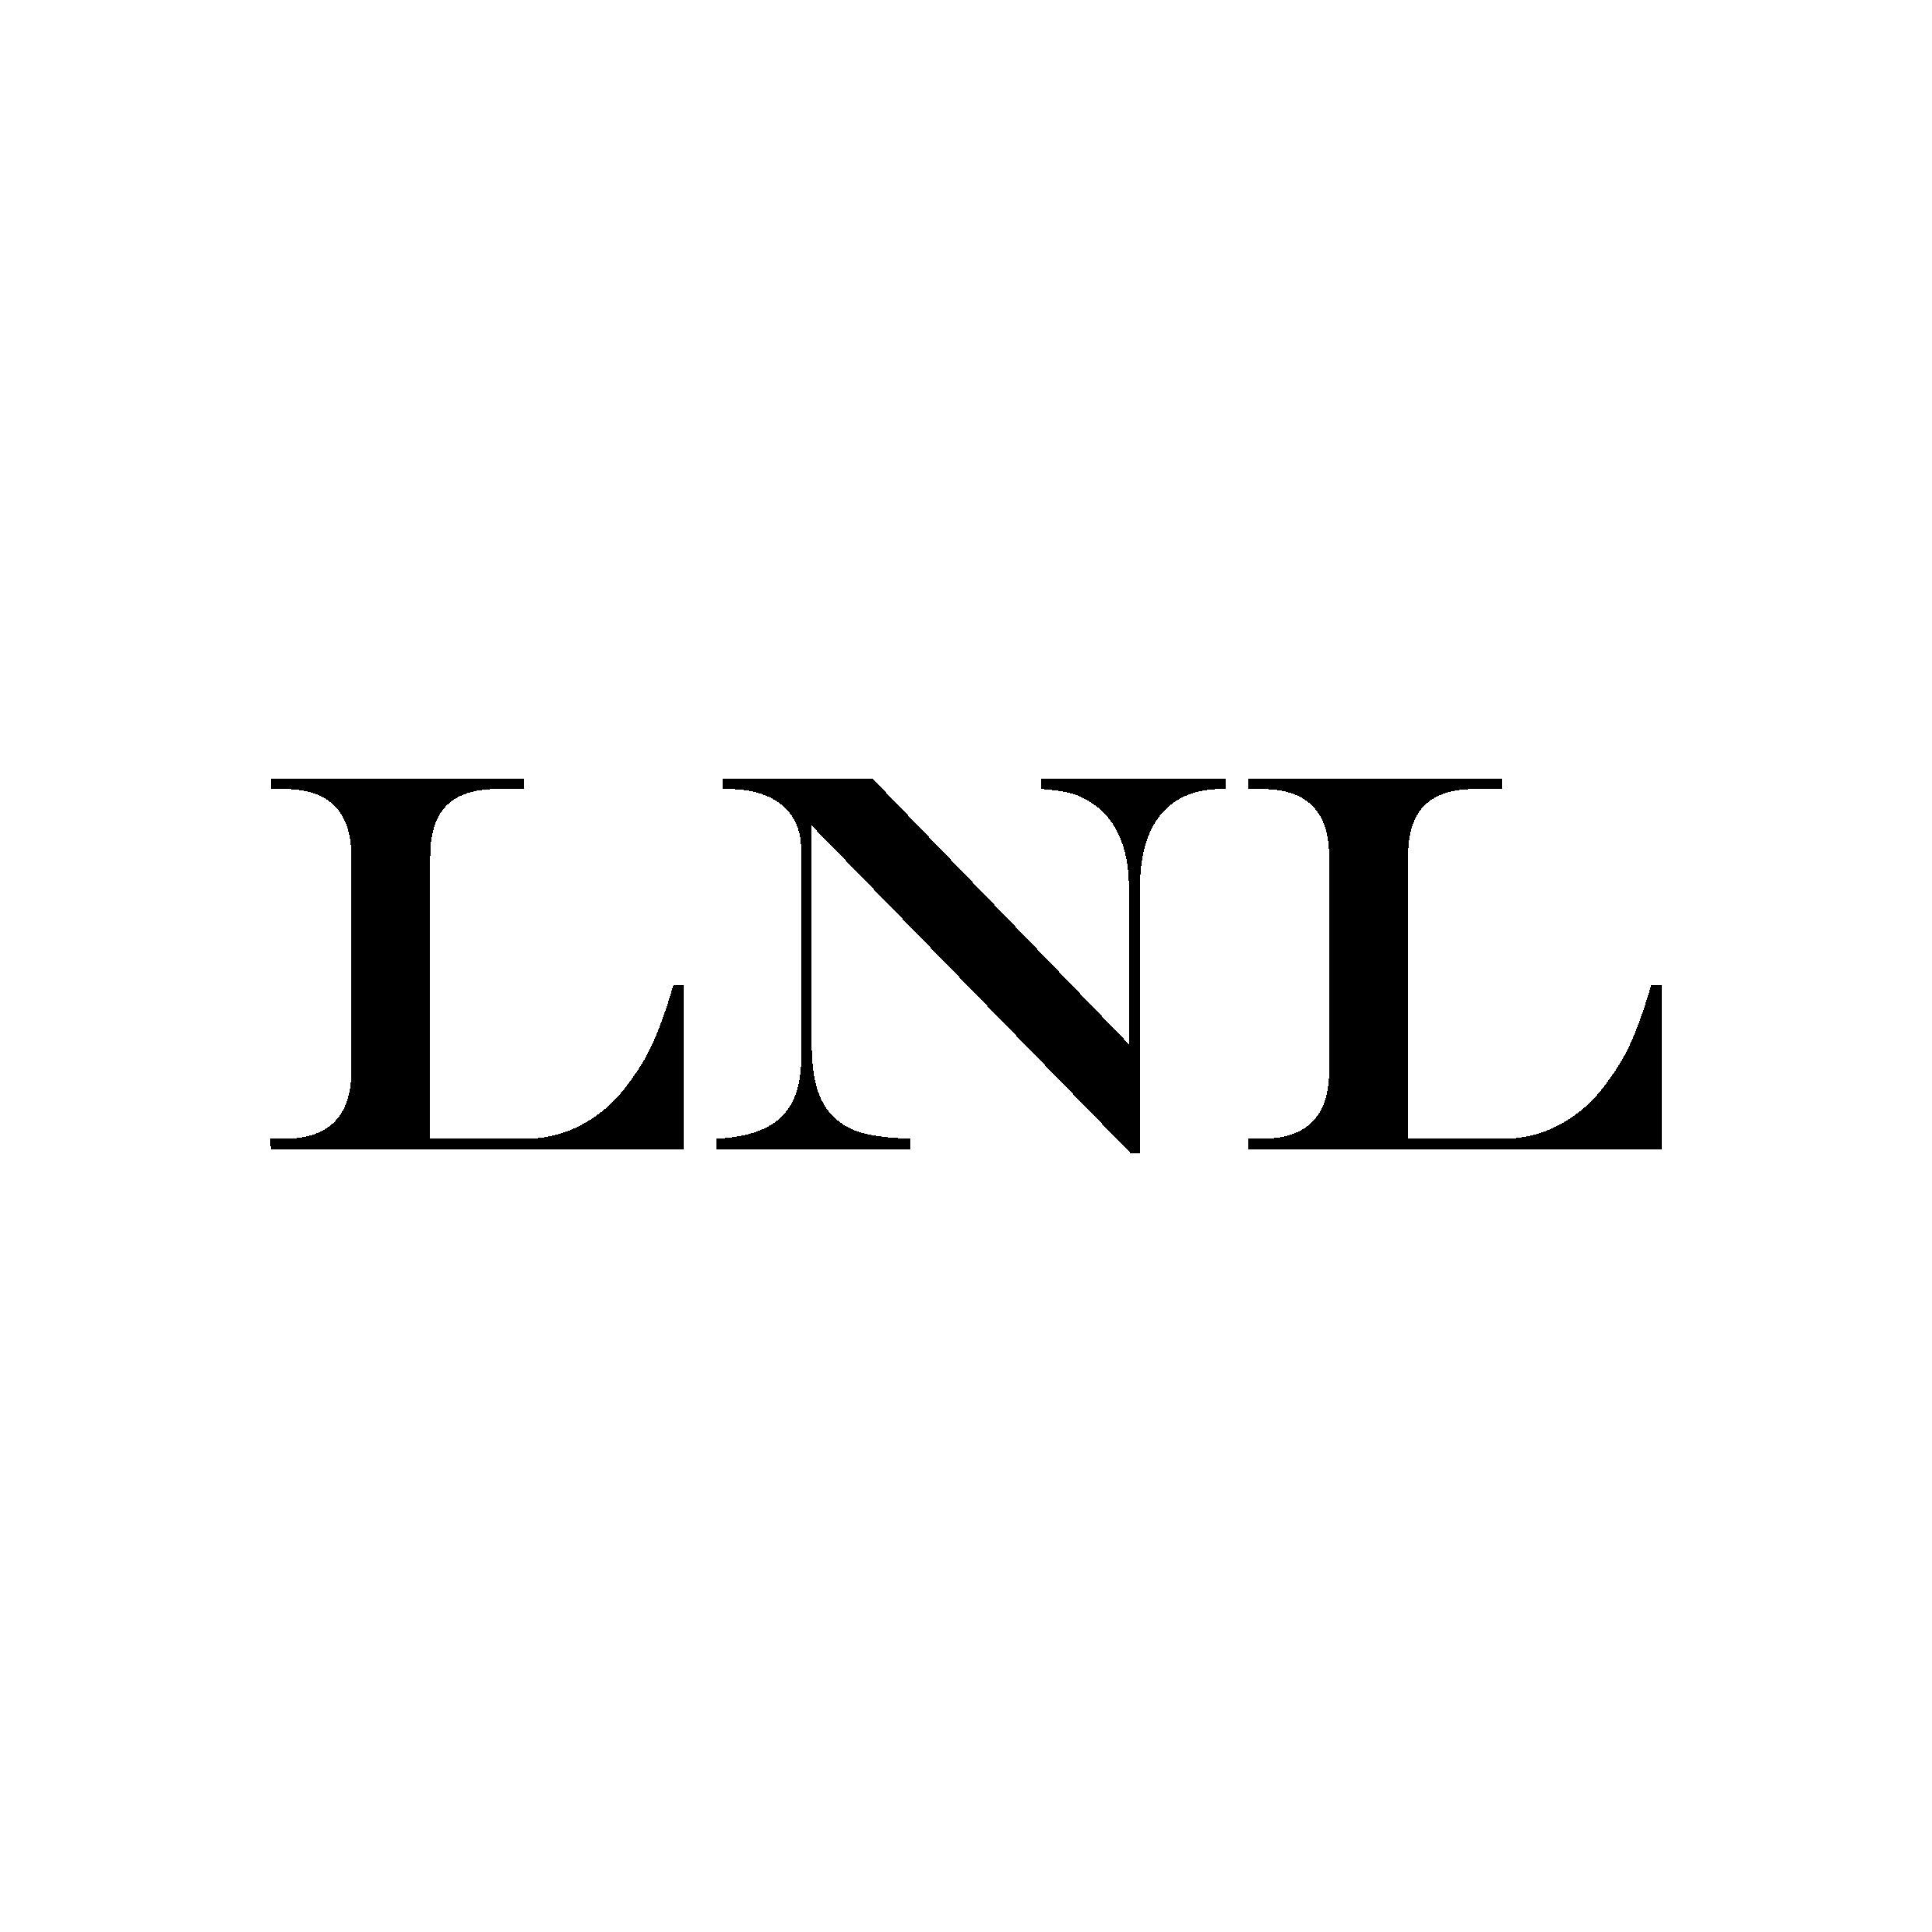 LNL-LOGO_WHITE-02.jpg